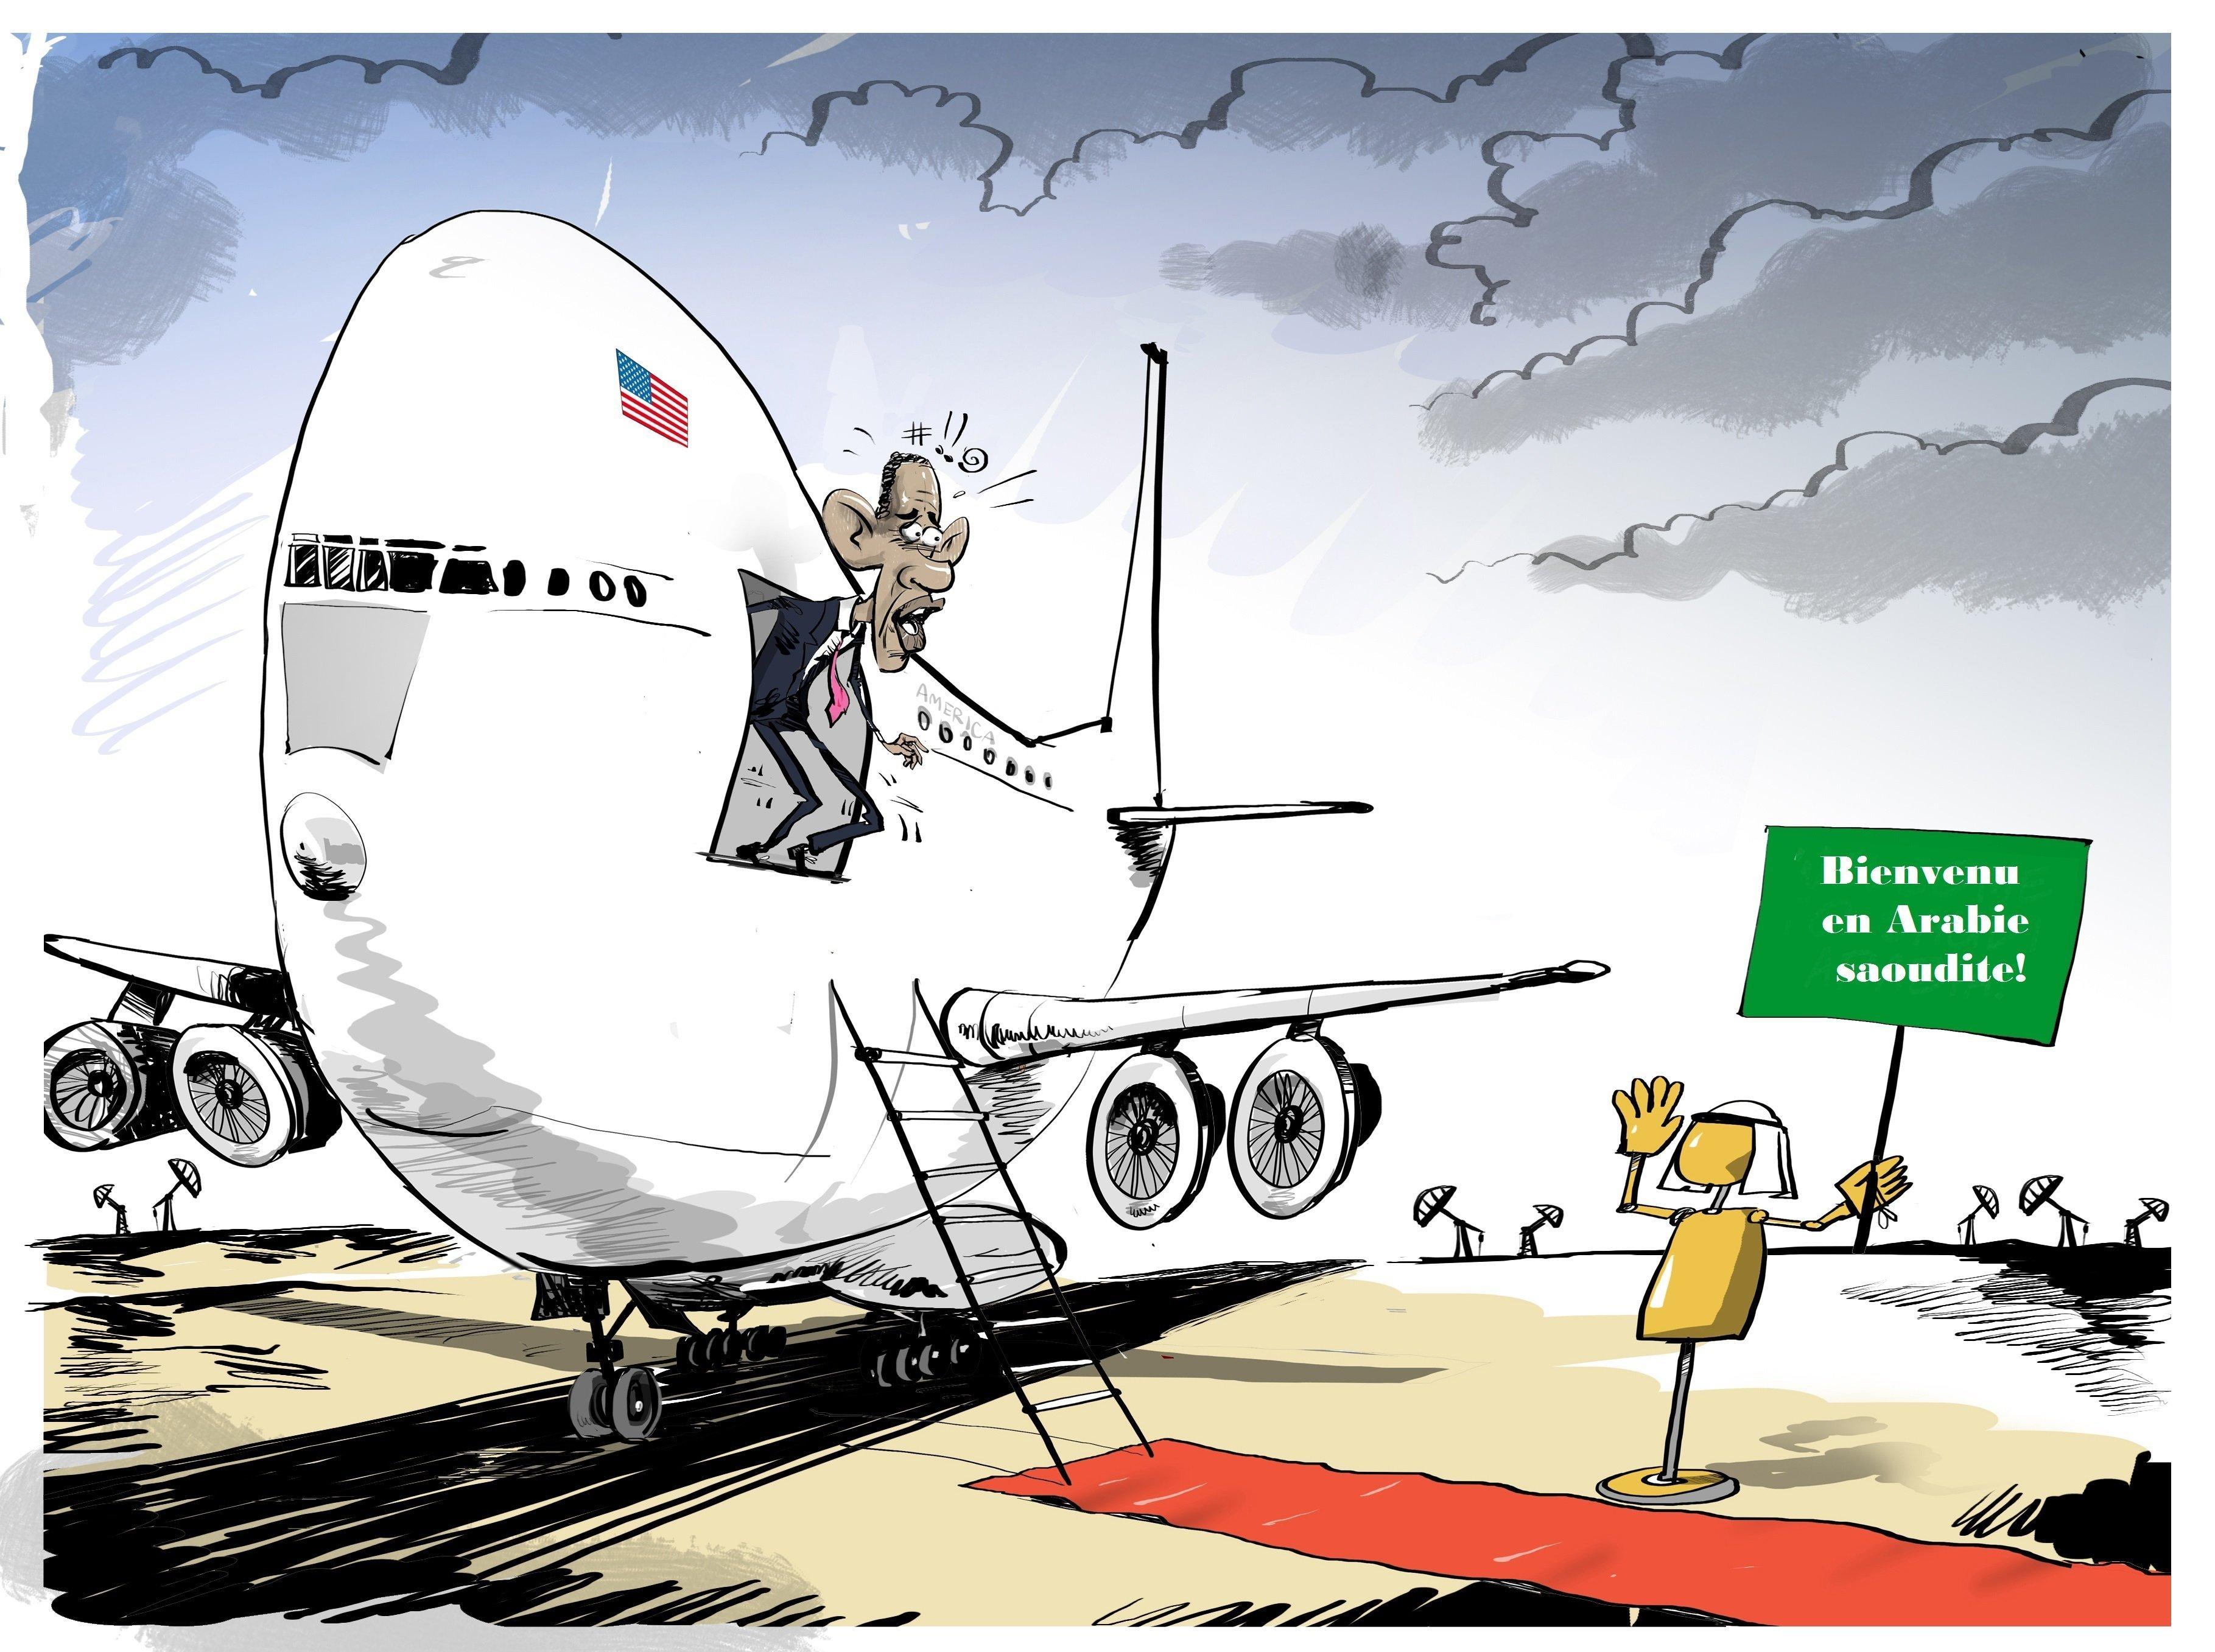 Riyad réserve un accueil glacial à Obama